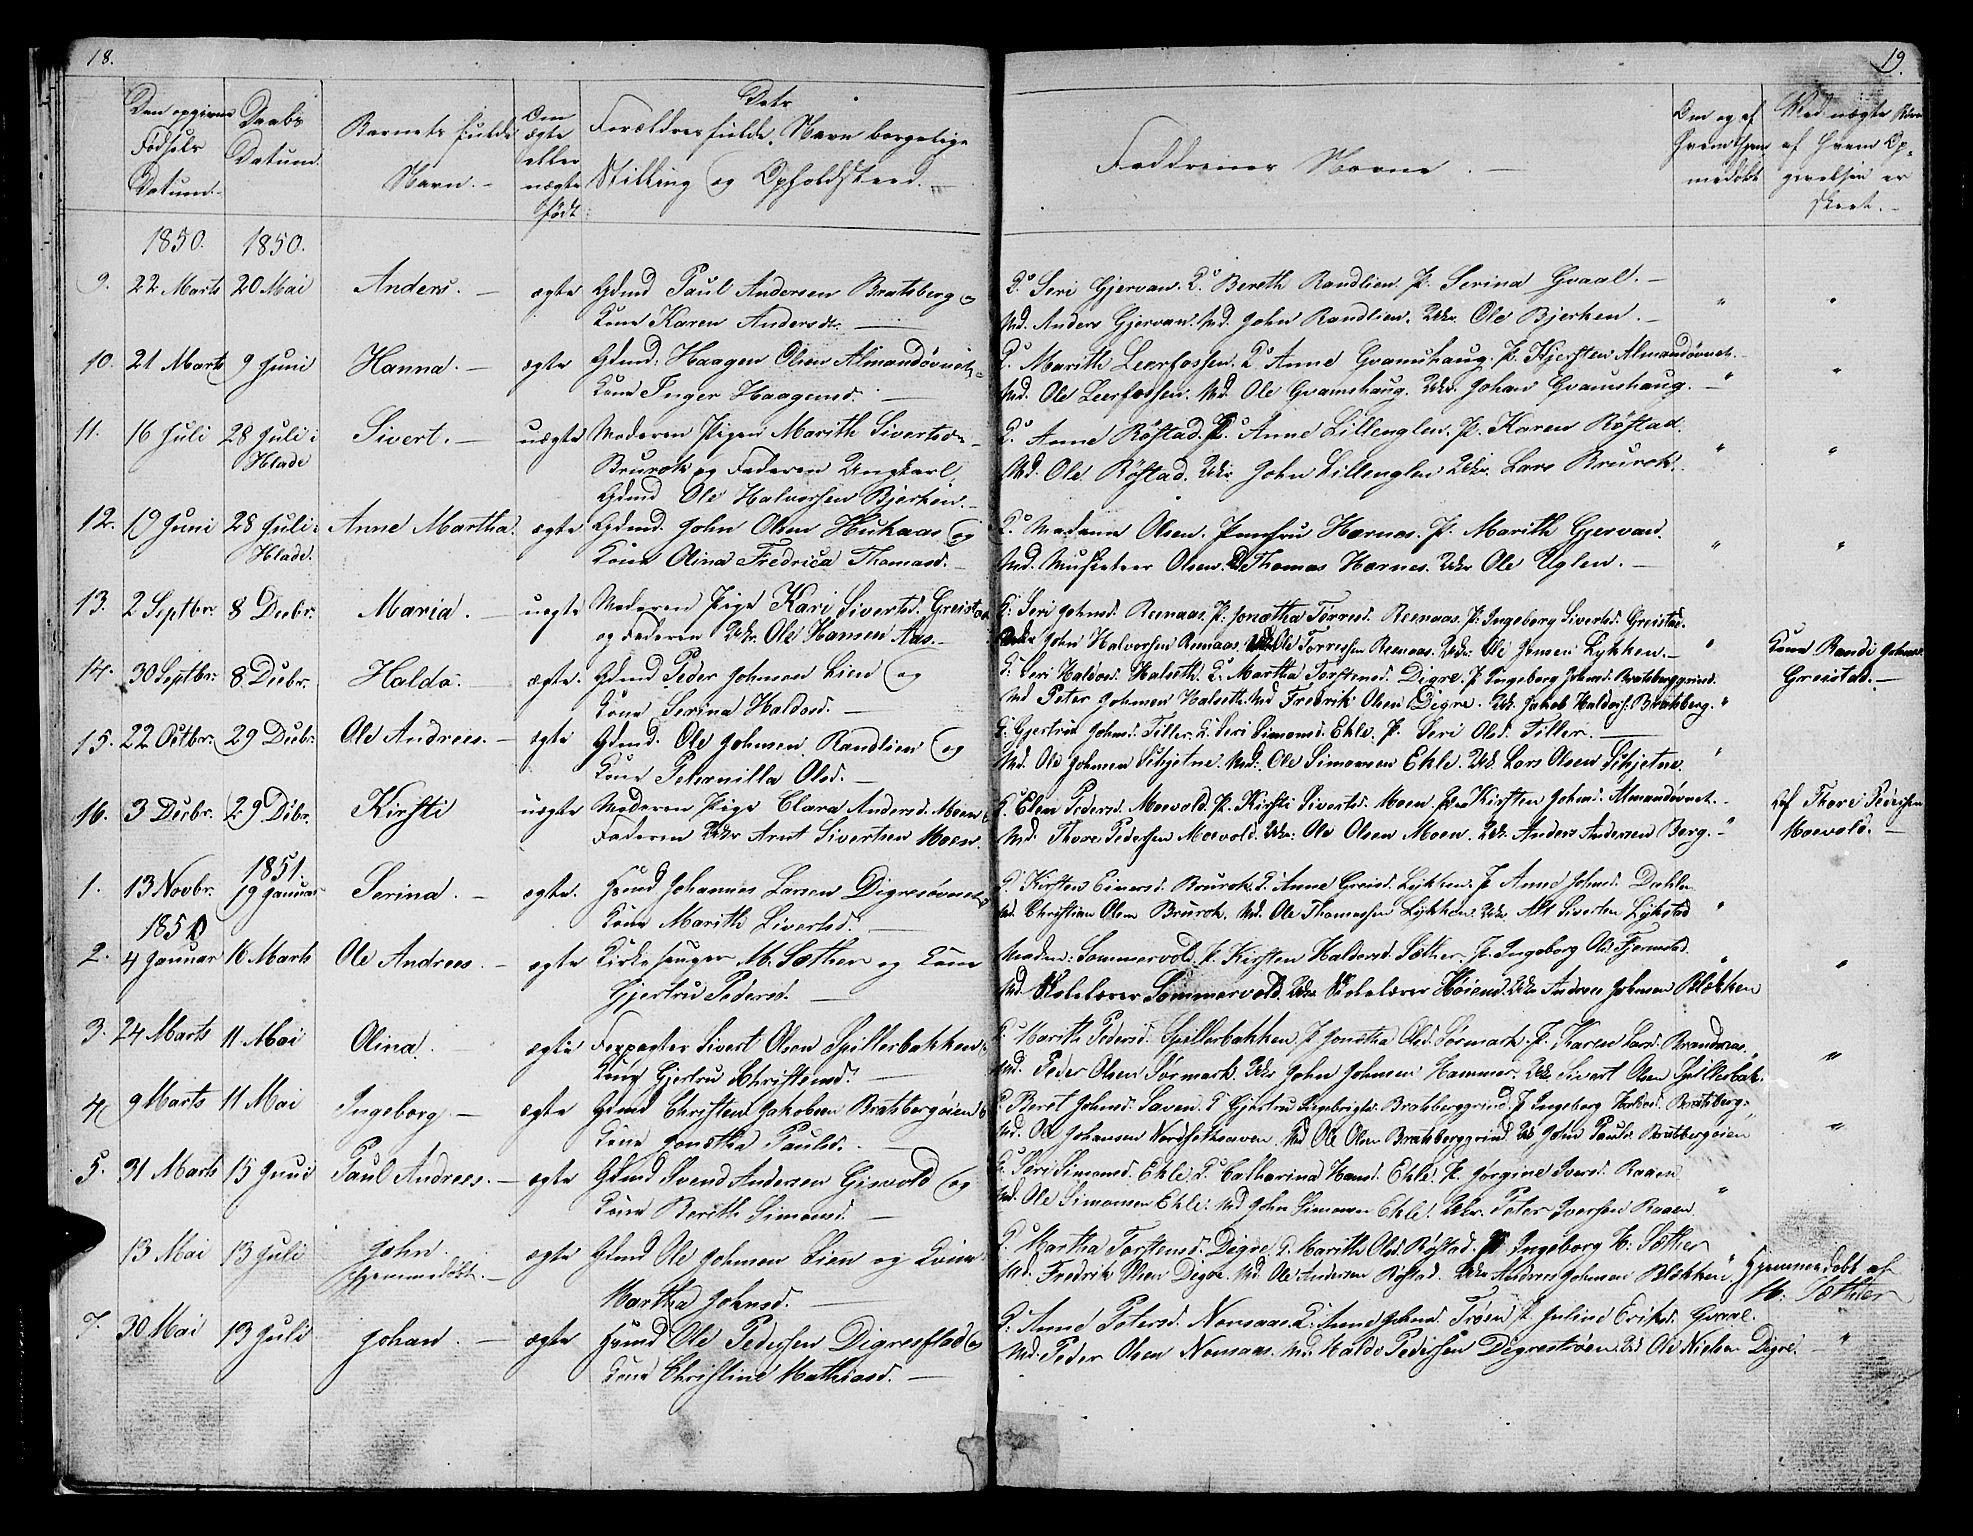 SAT, Ministerialprotokoller, klokkerbøker og fødselsregistre - Sør-Trøndelag, 608/L0339: Klokkerbok nr. 608C05, 1844-1863, s. 18-19